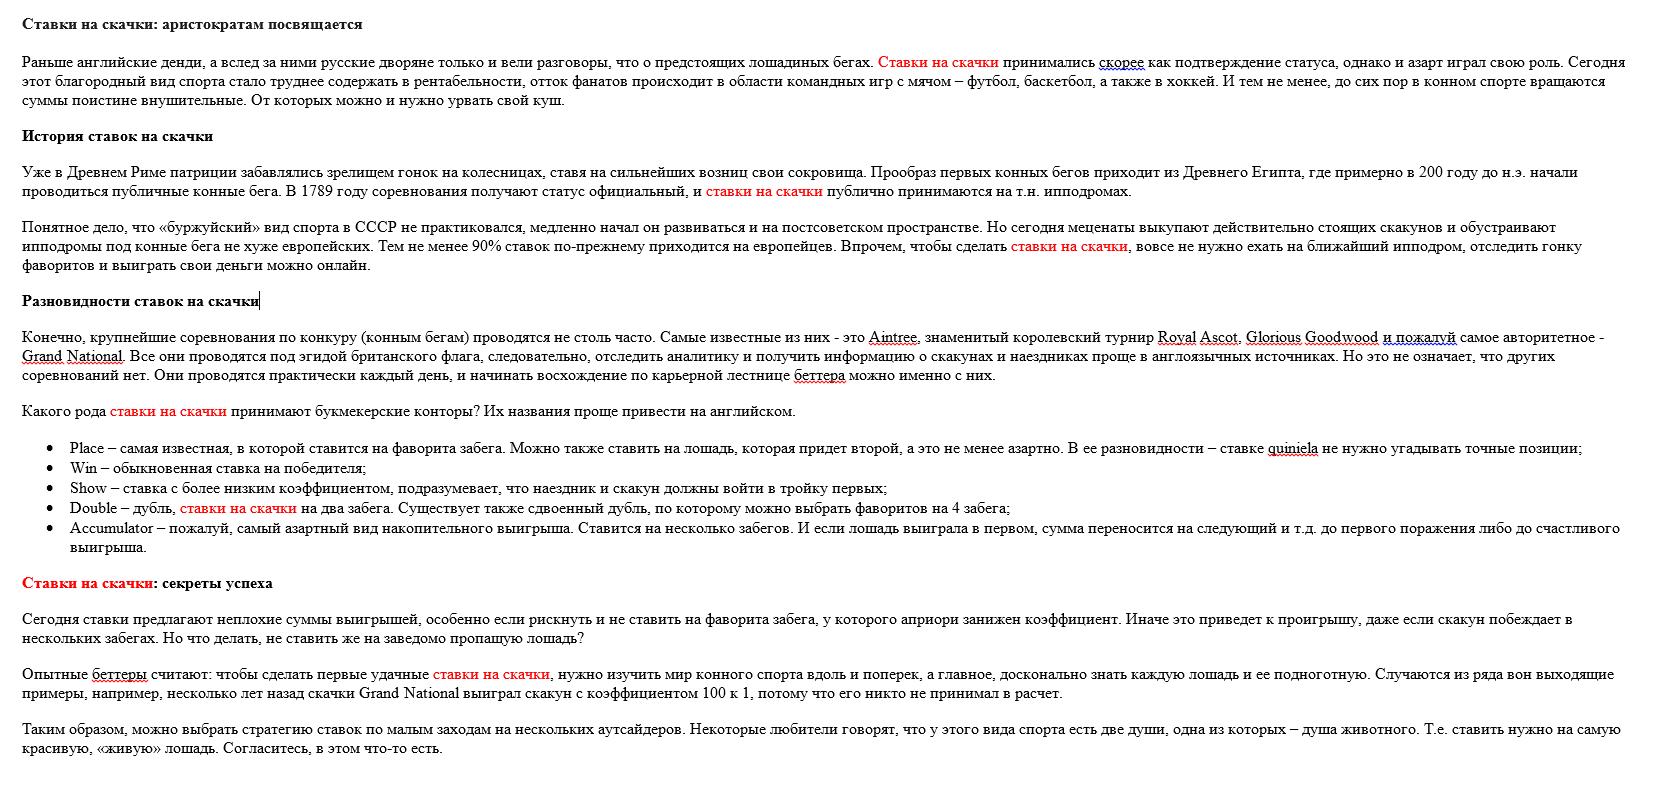 Текст для сайта букмекерской конторы.